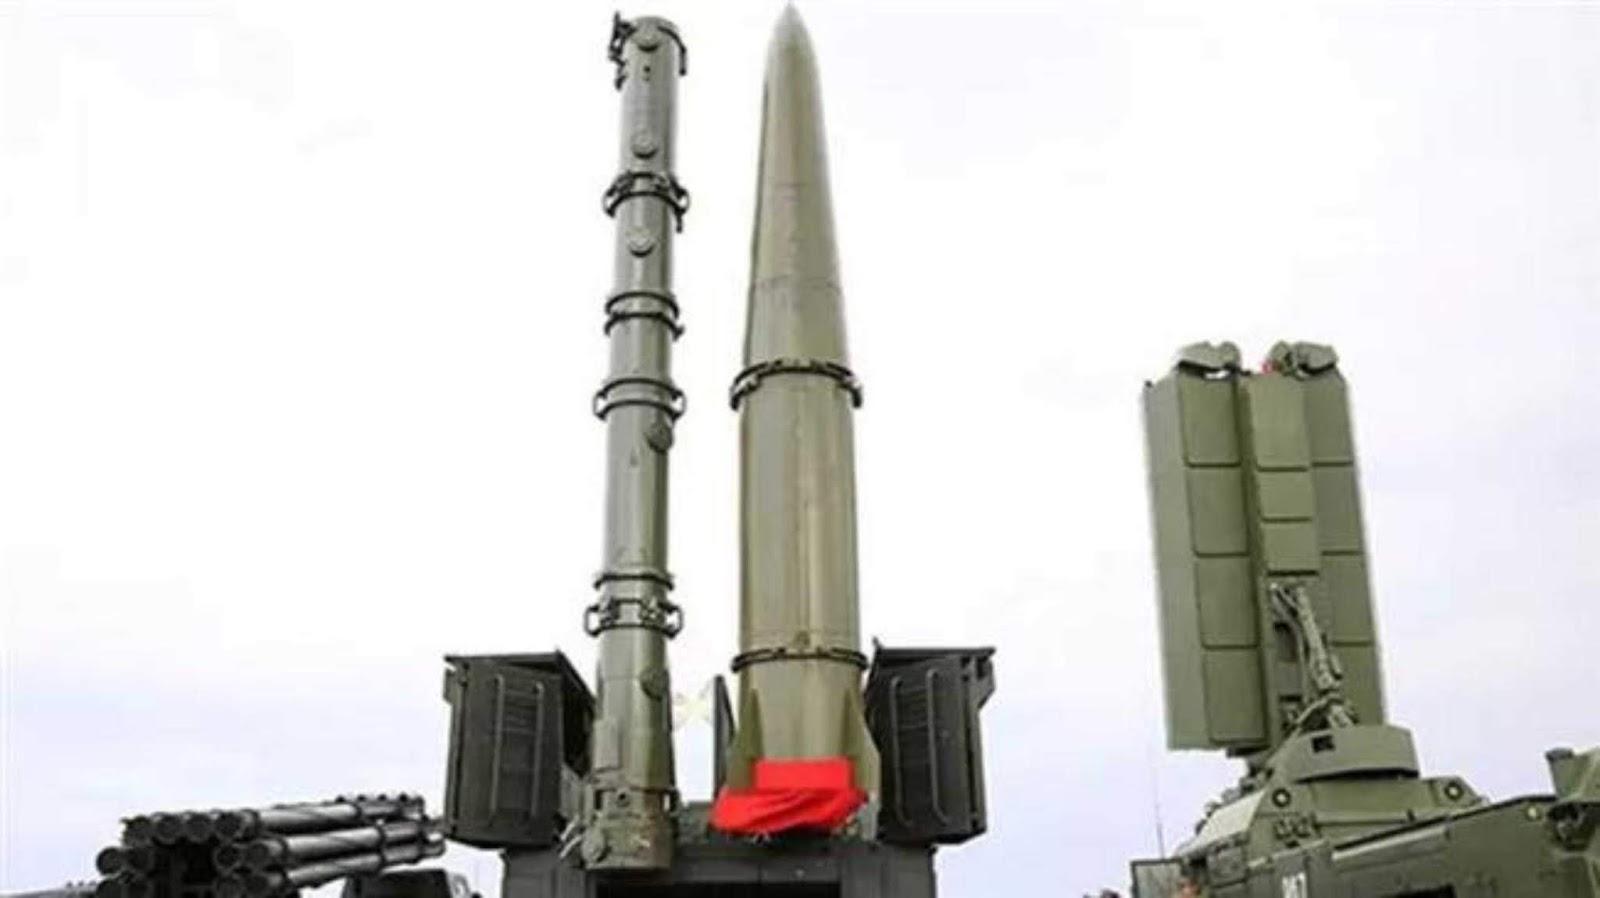 Eropa di bawah todongan senjata ketika AS memutuskan untuk berhenti dari perjanjian rudal